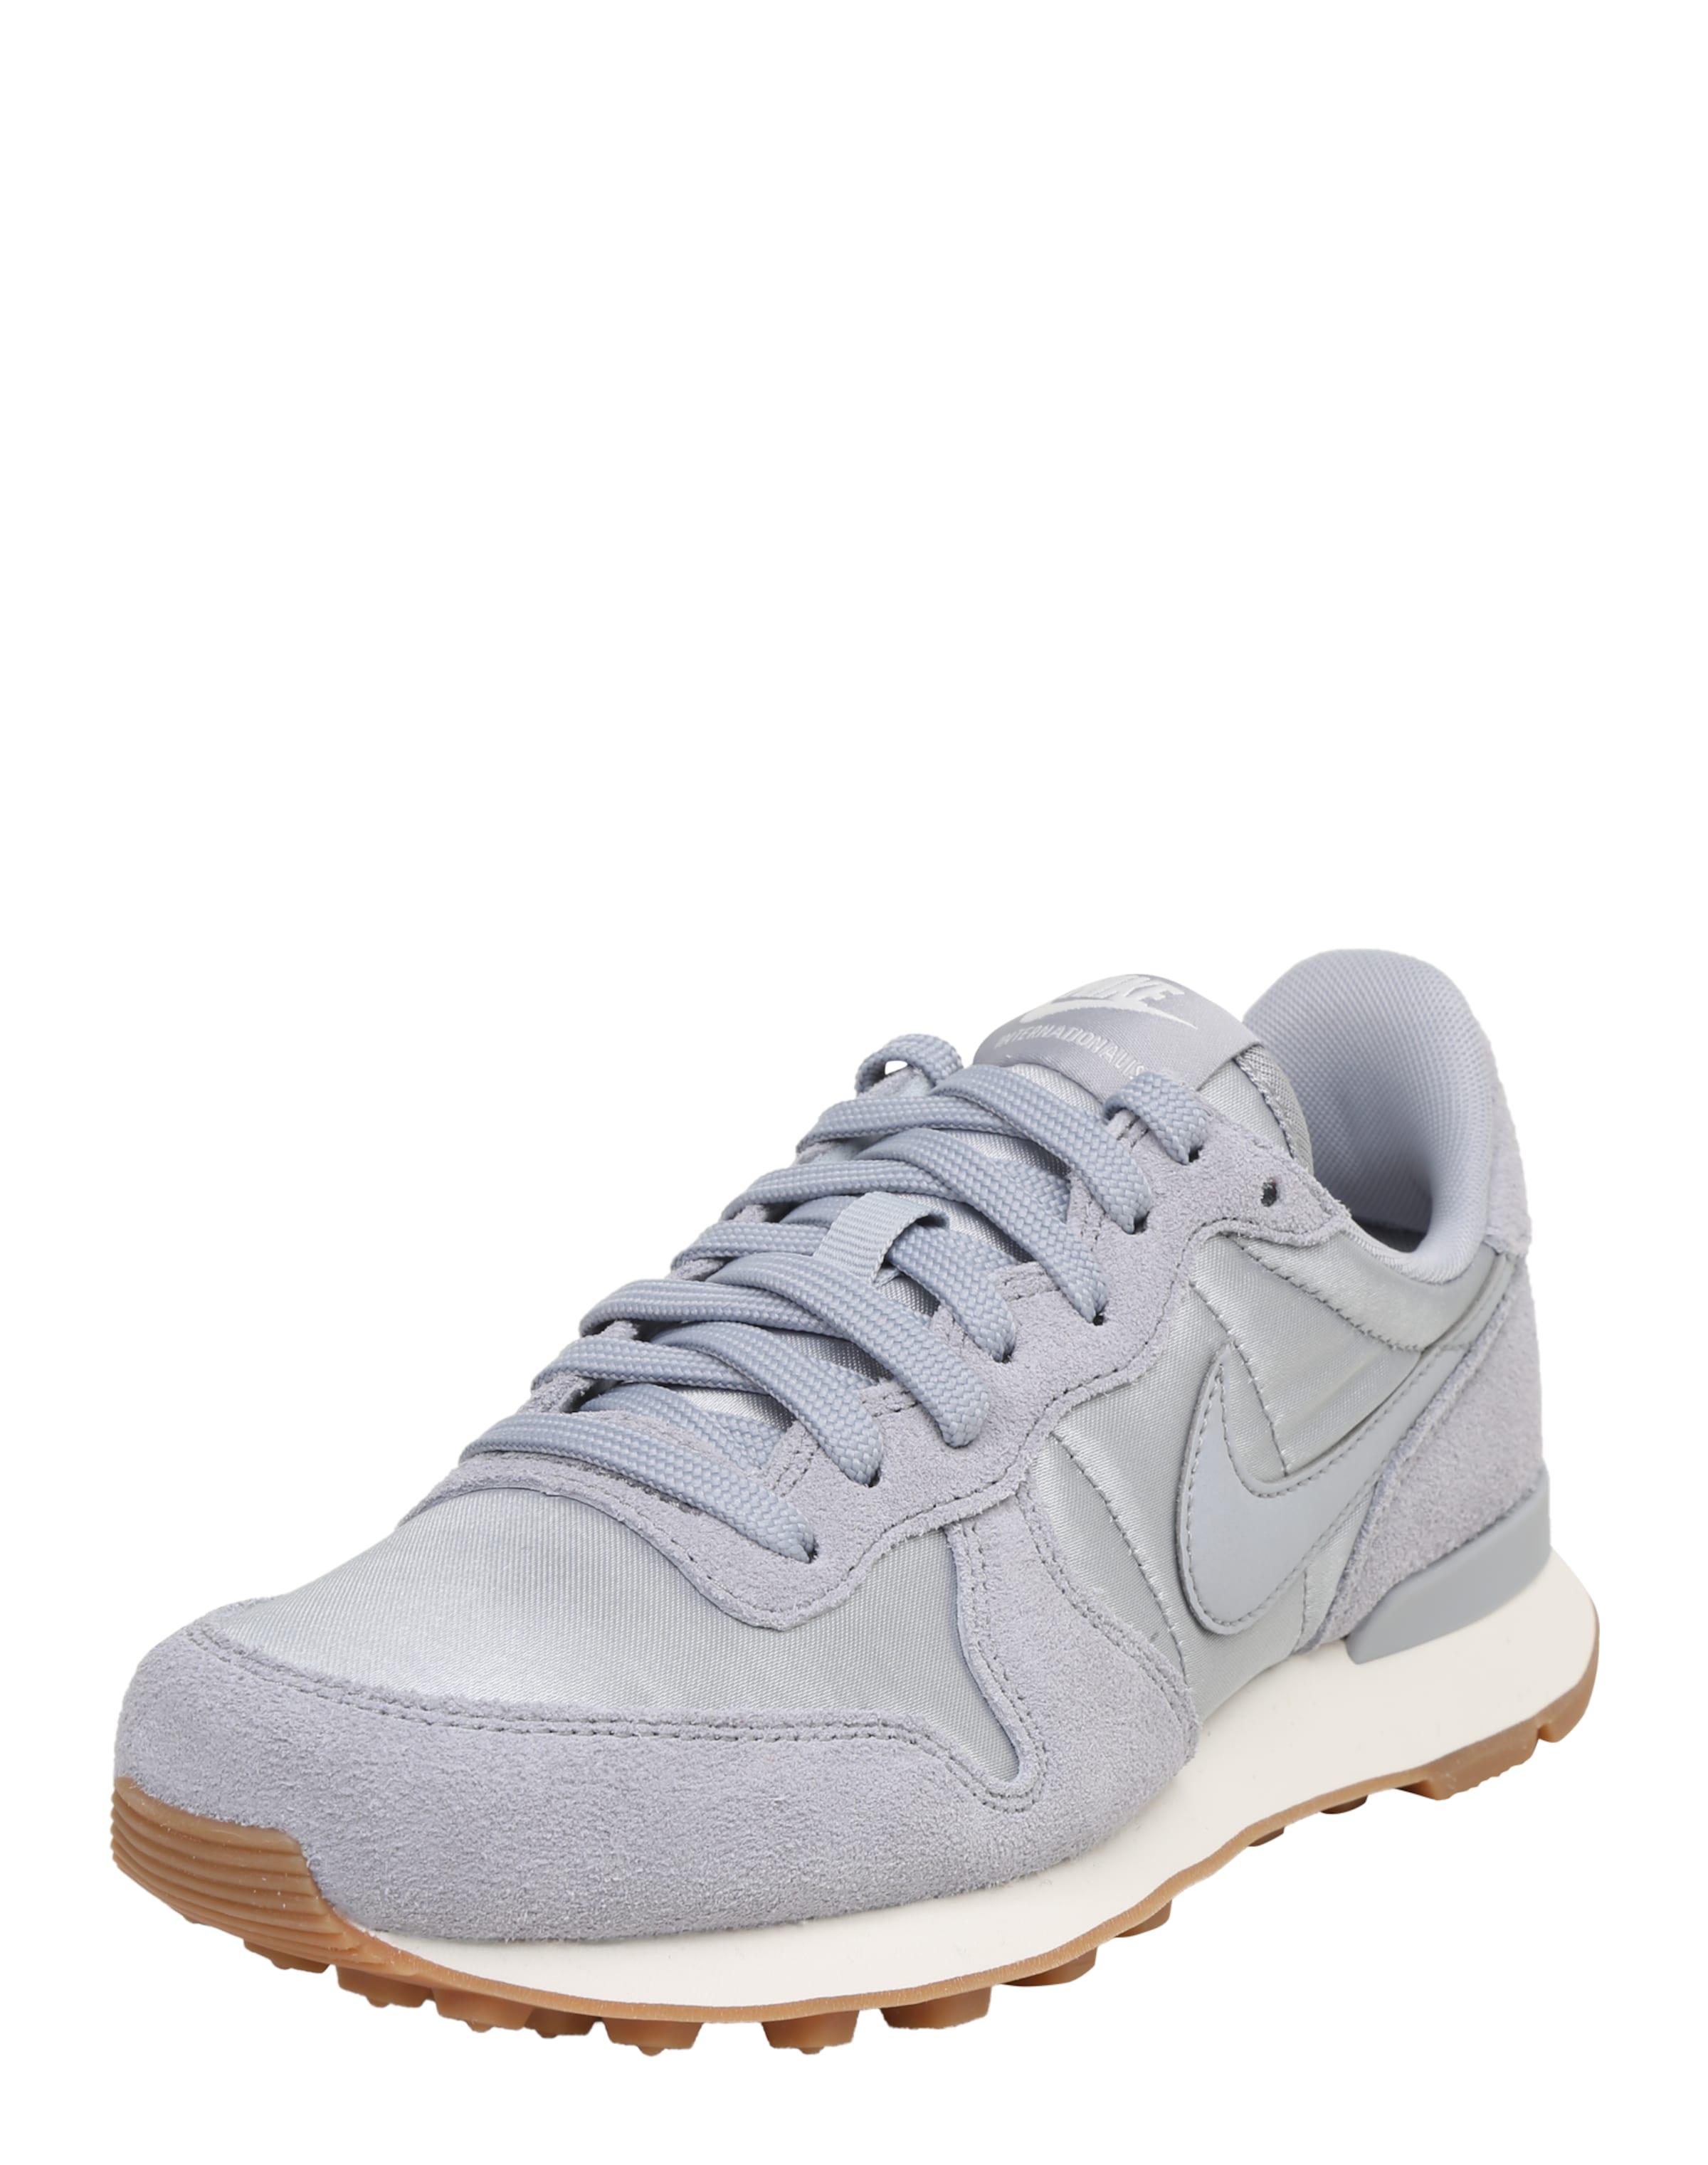 Nike Chaussures De Sport Gris Faible « Internationaliste » ha3wk3